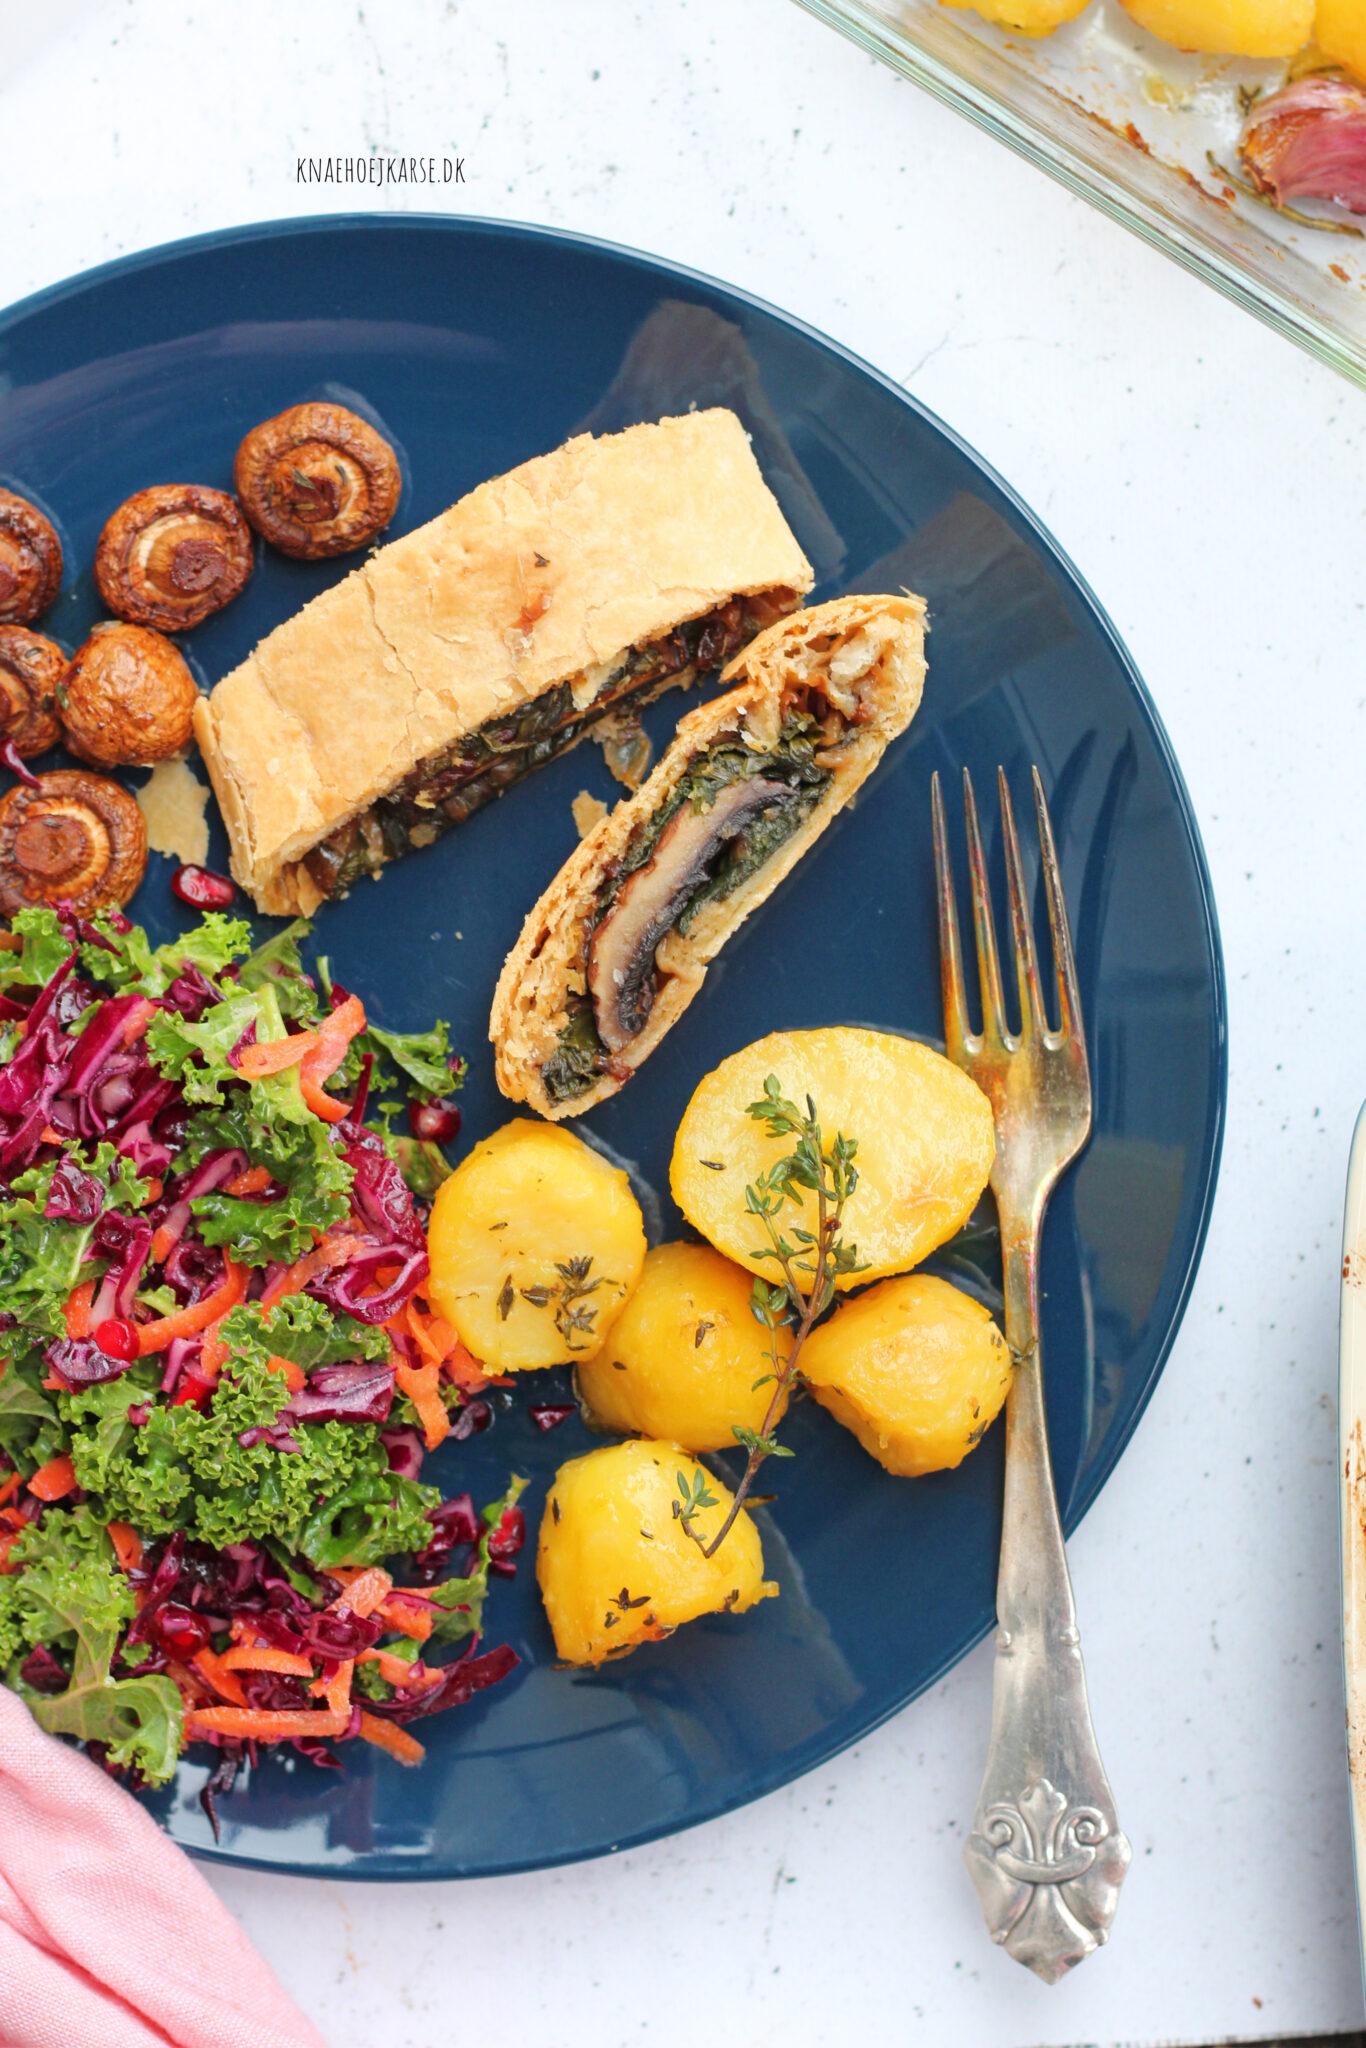 Vegansk portobello wellington - en oplagt vegansk hovedret til den veganske jul